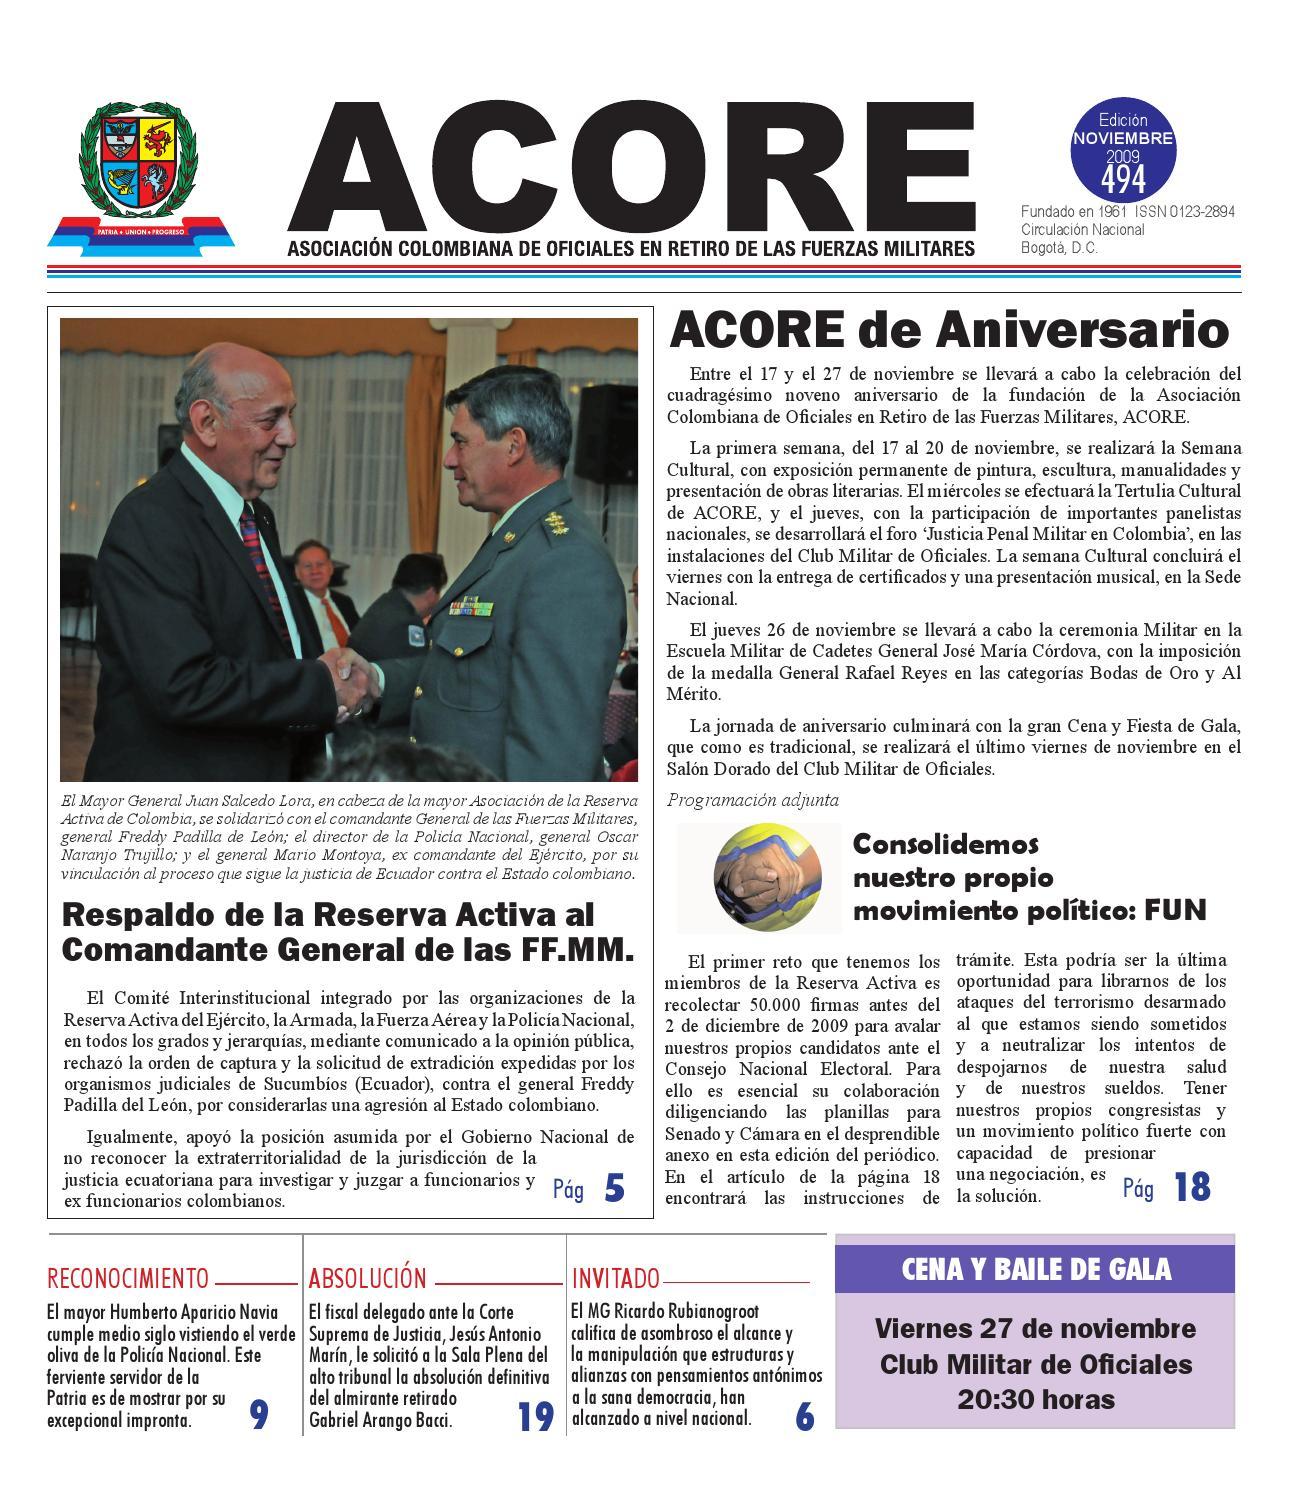 Periódico edición 494 noviembre 2009 by ACORE - issuu